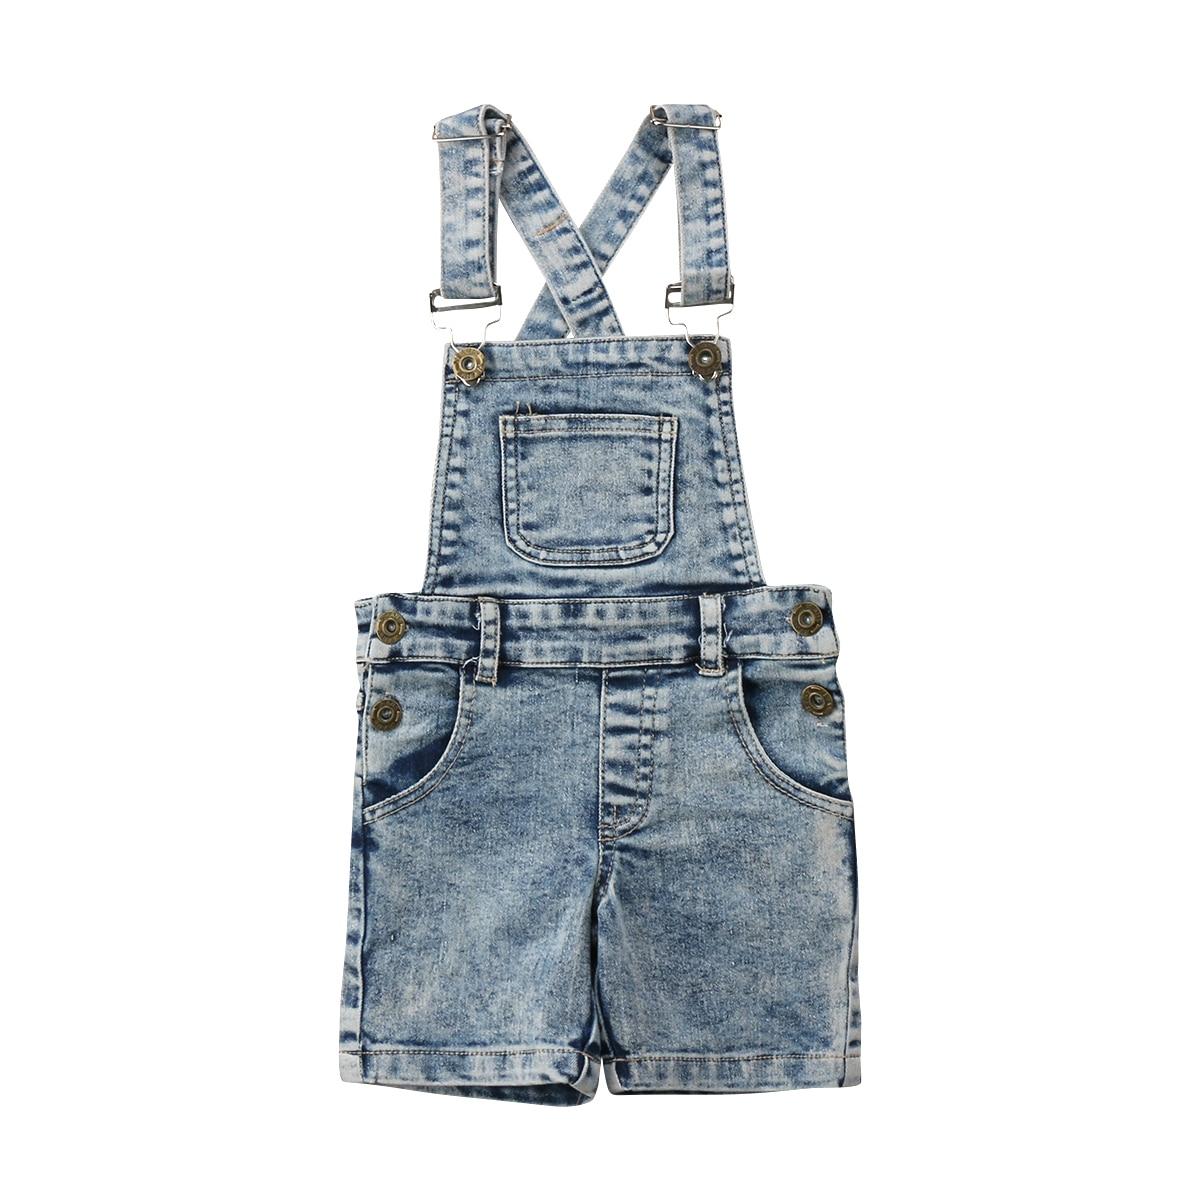 2018 Bambini Del Bambino Delle Ragazze Dei Ragazzi Del Denim Dei Pantaloni Tute Tute E Salopette Pagliaccetto Playsuit Outfits Abbigliamento